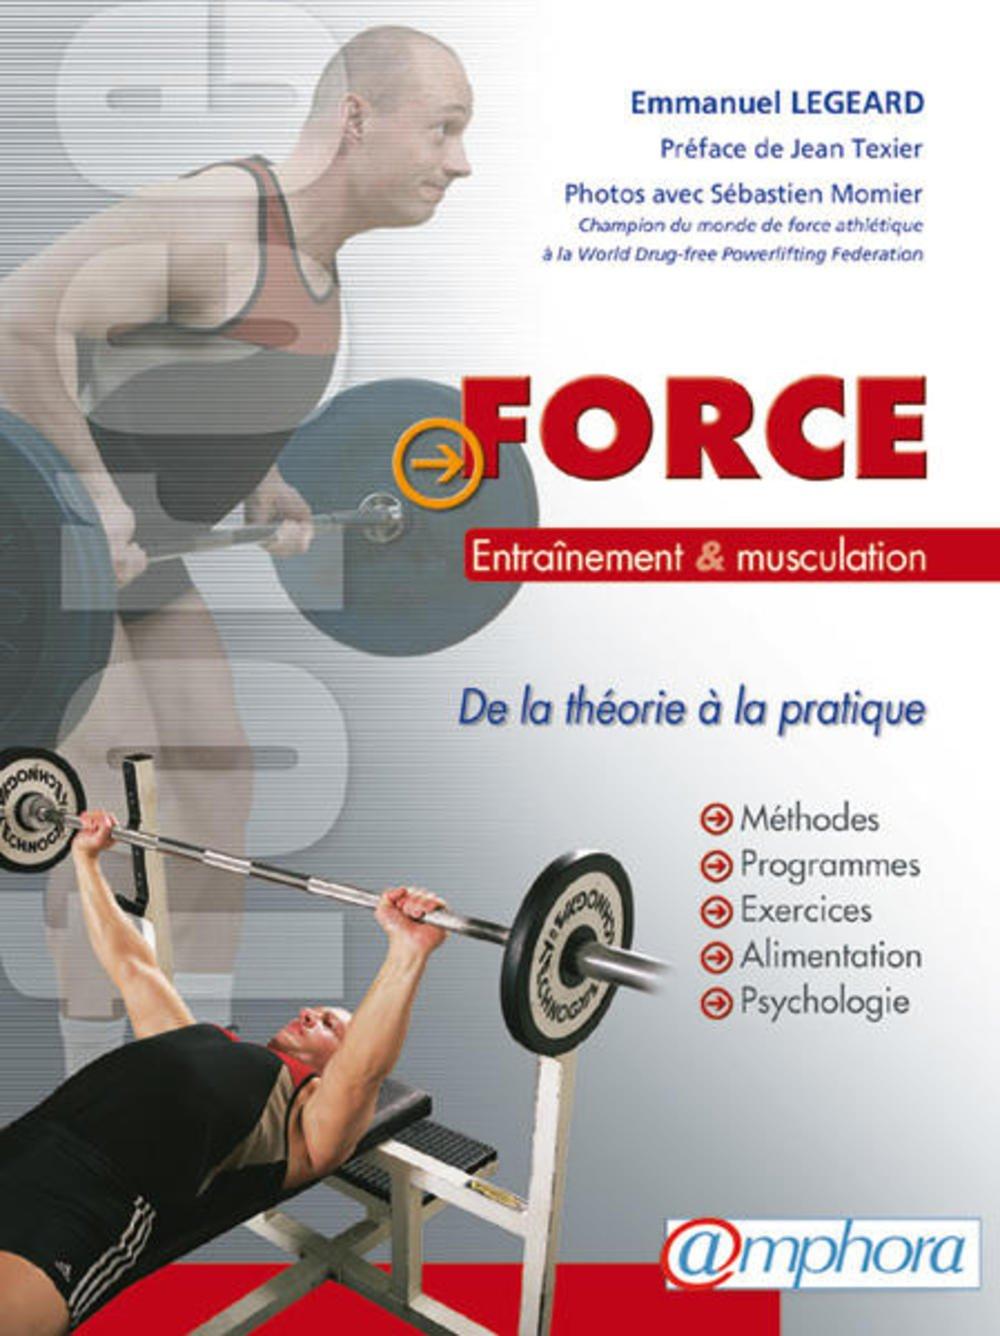 Musculation la m thode 5x5 - Programme prise de force developpe couche ...